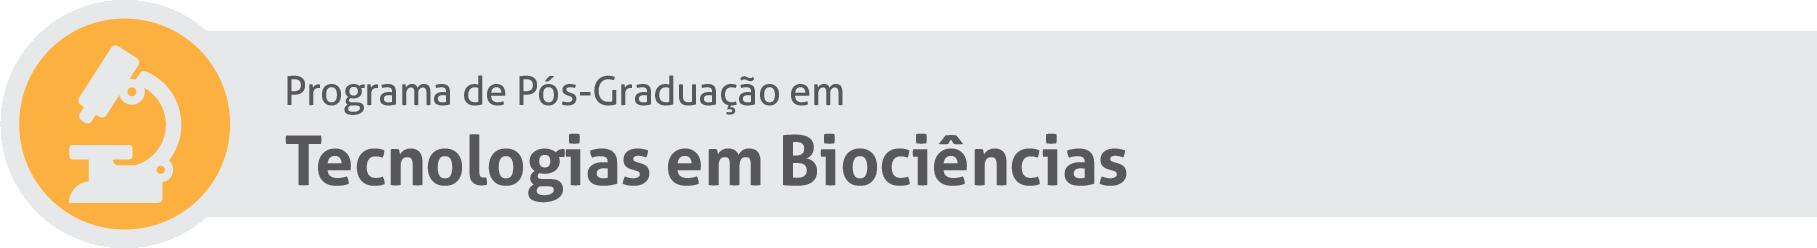 Tecnologias em Biociências